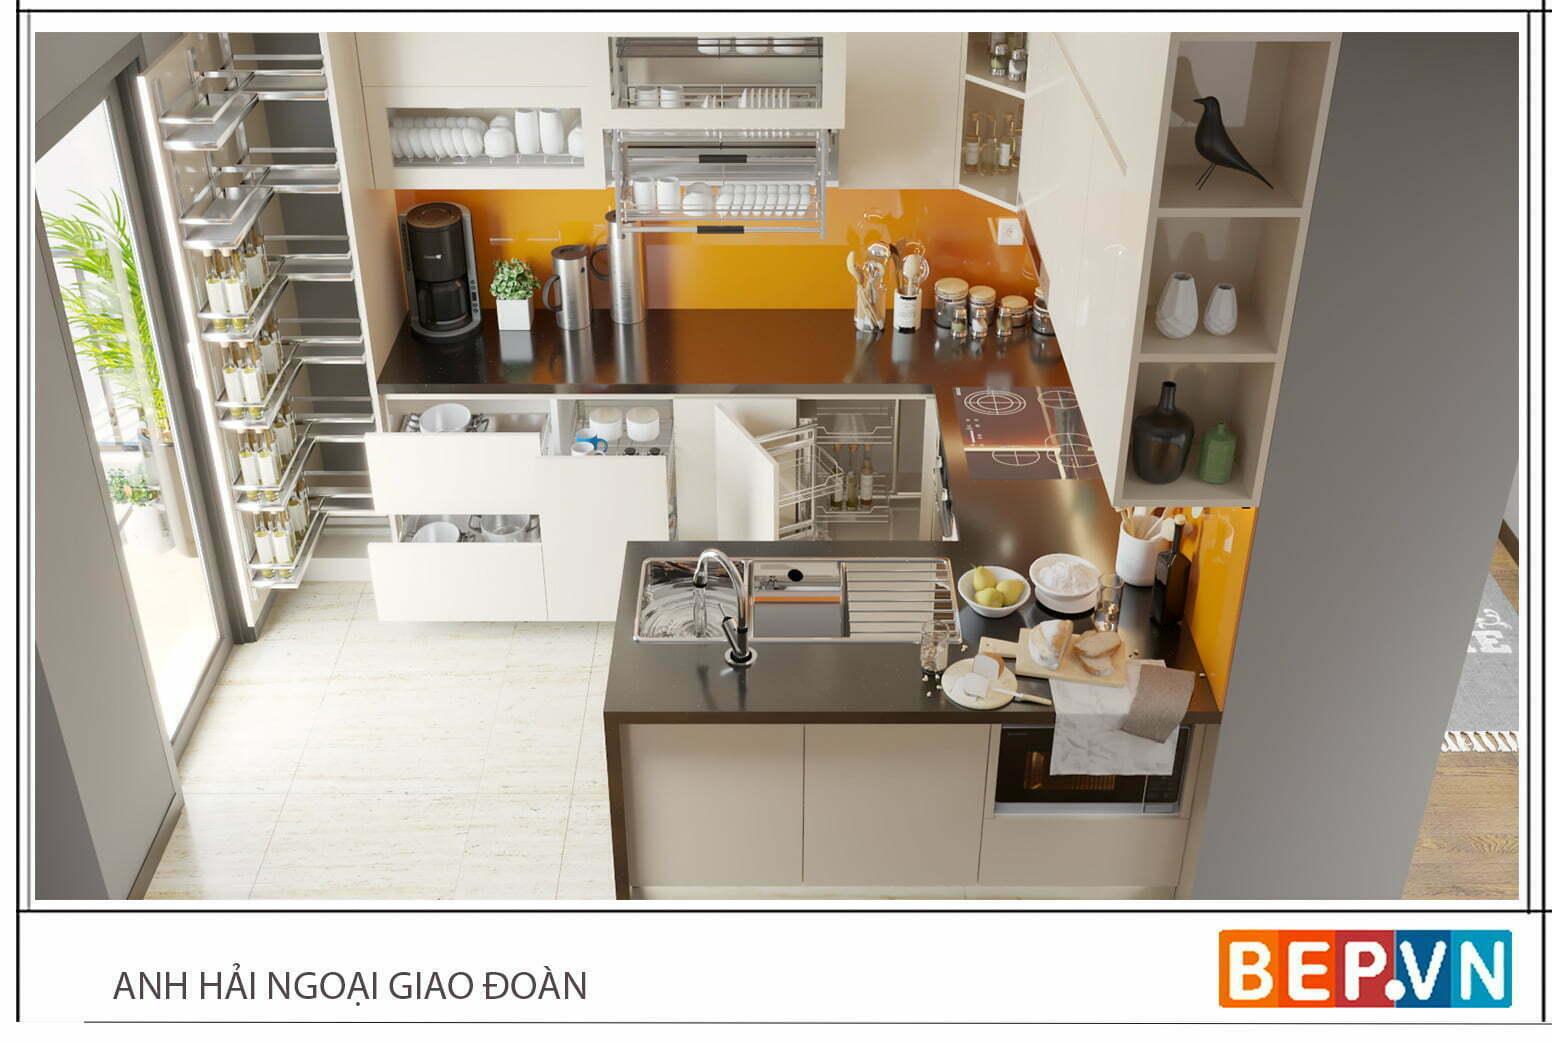 mẫu tủ bếp đẹp độc đáo, hiện đại và tiện nghi